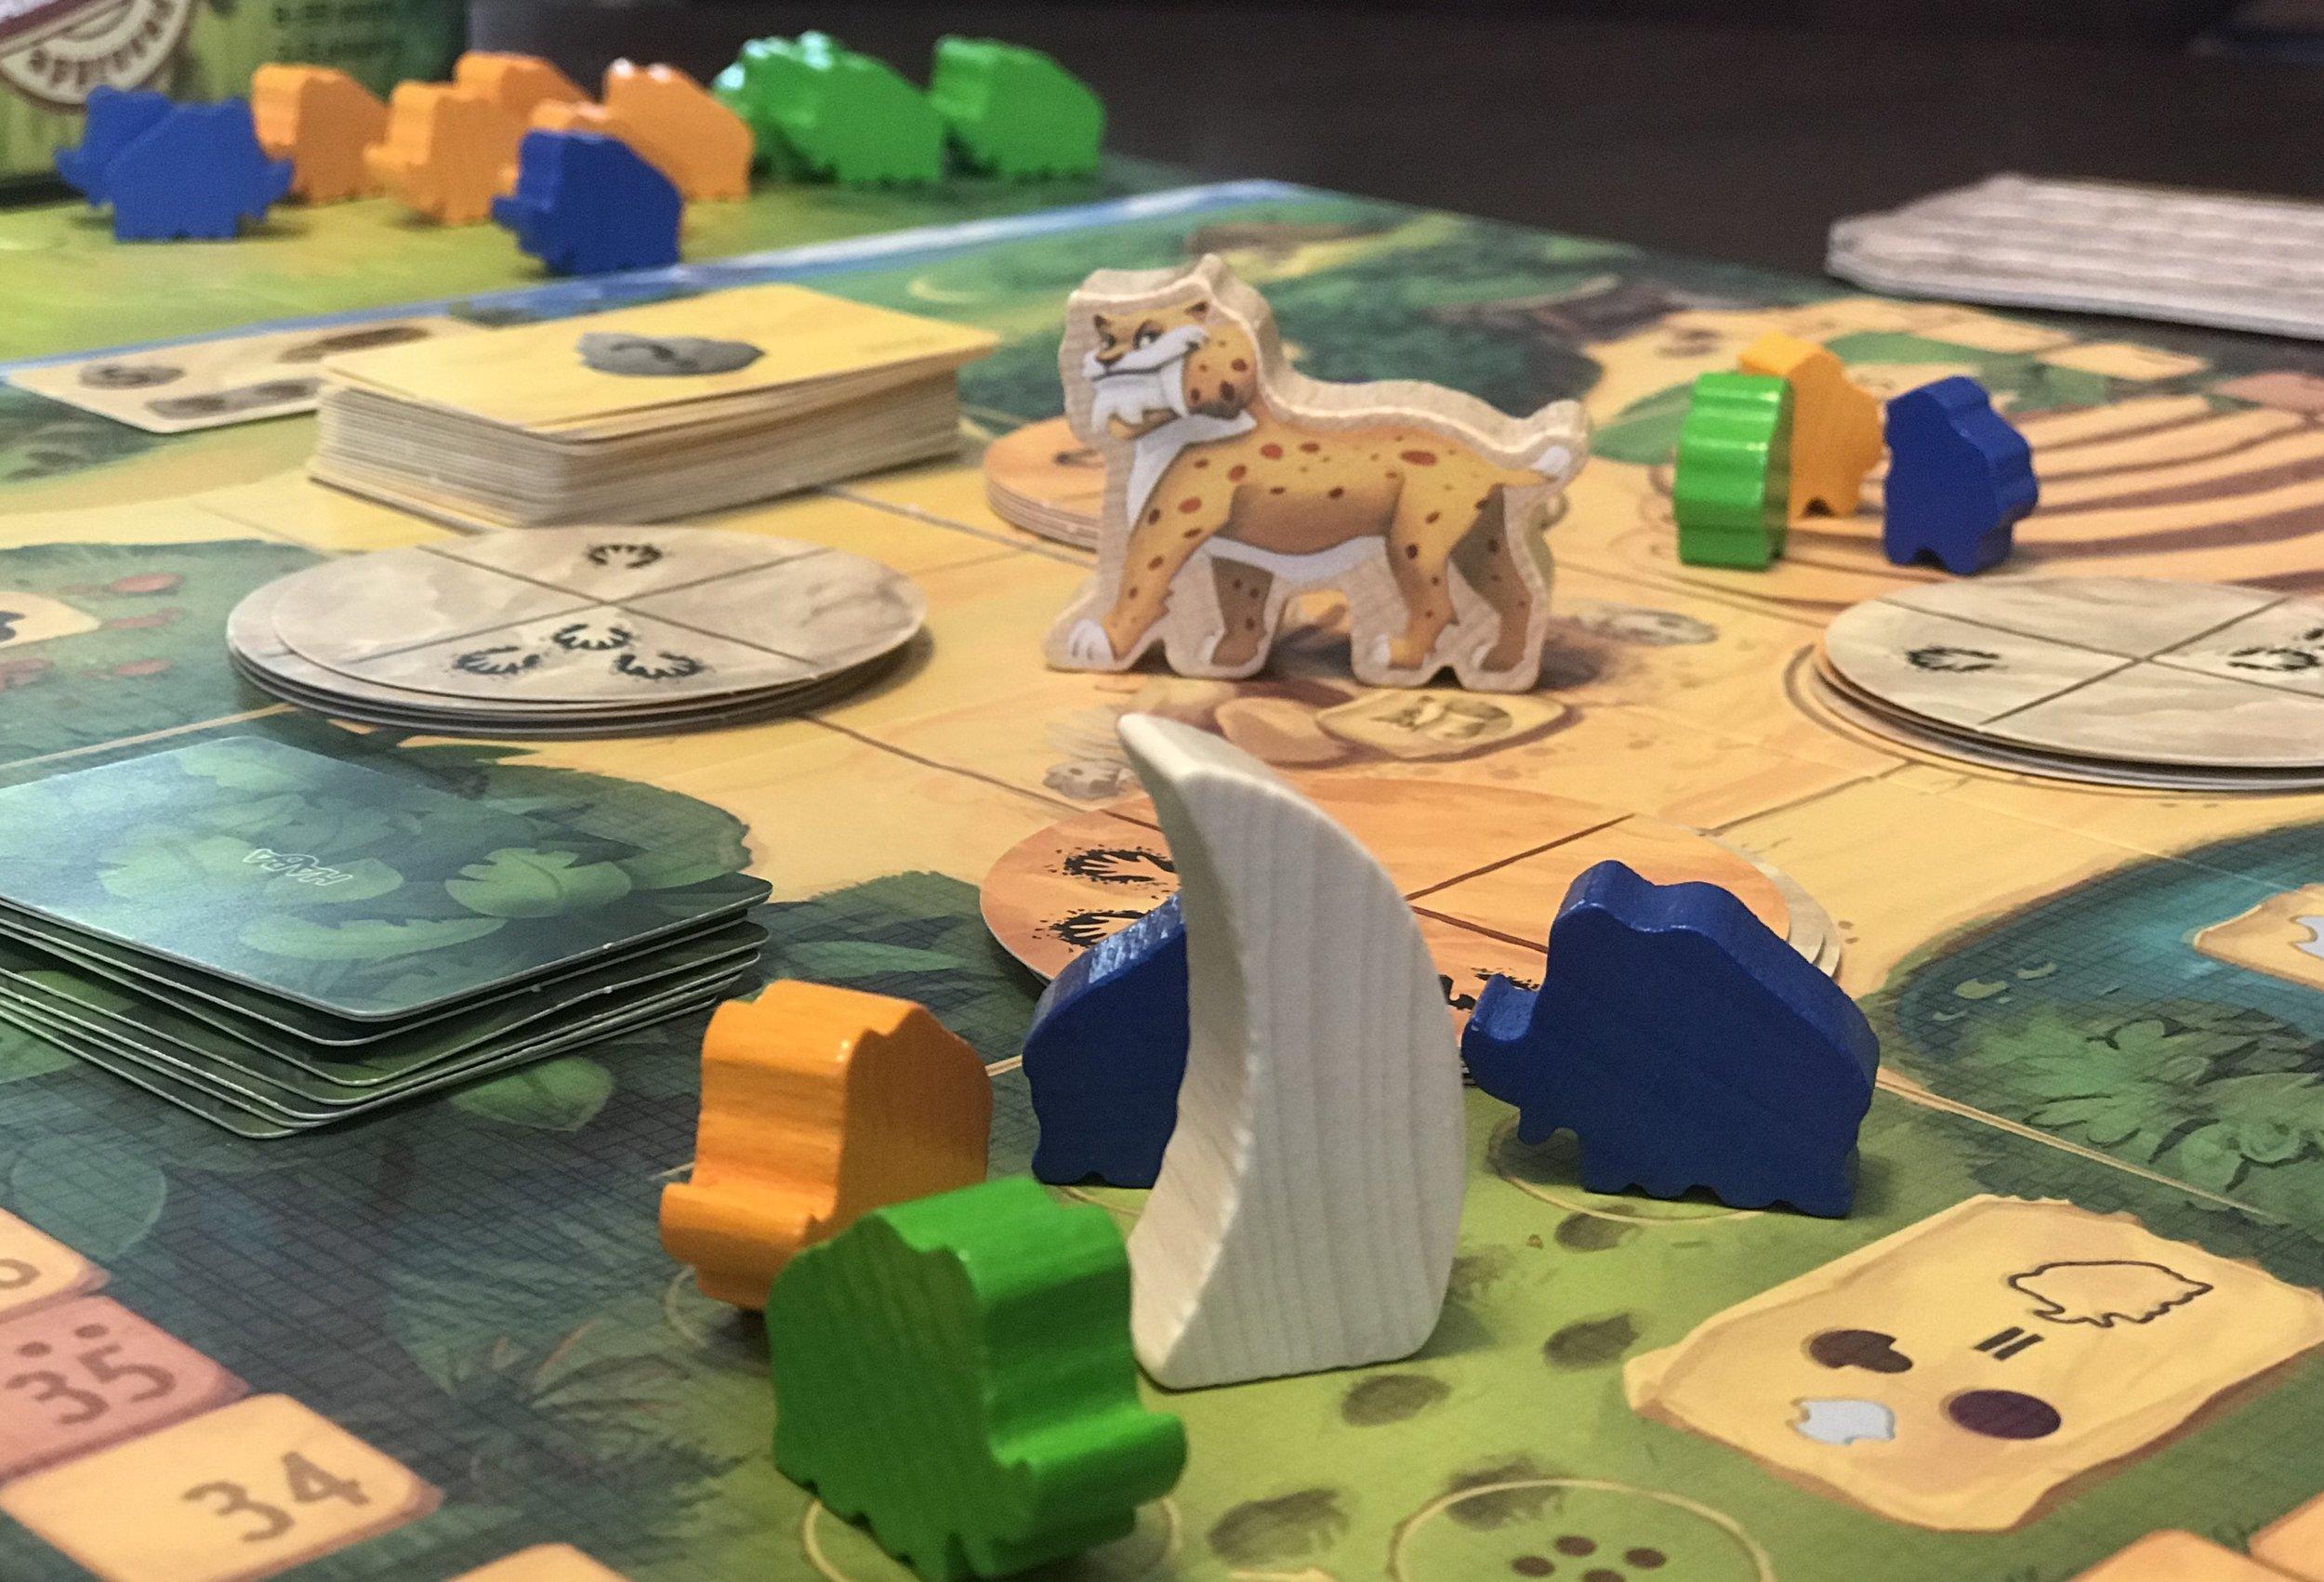 Honga strategy board game from HABA.jpeg